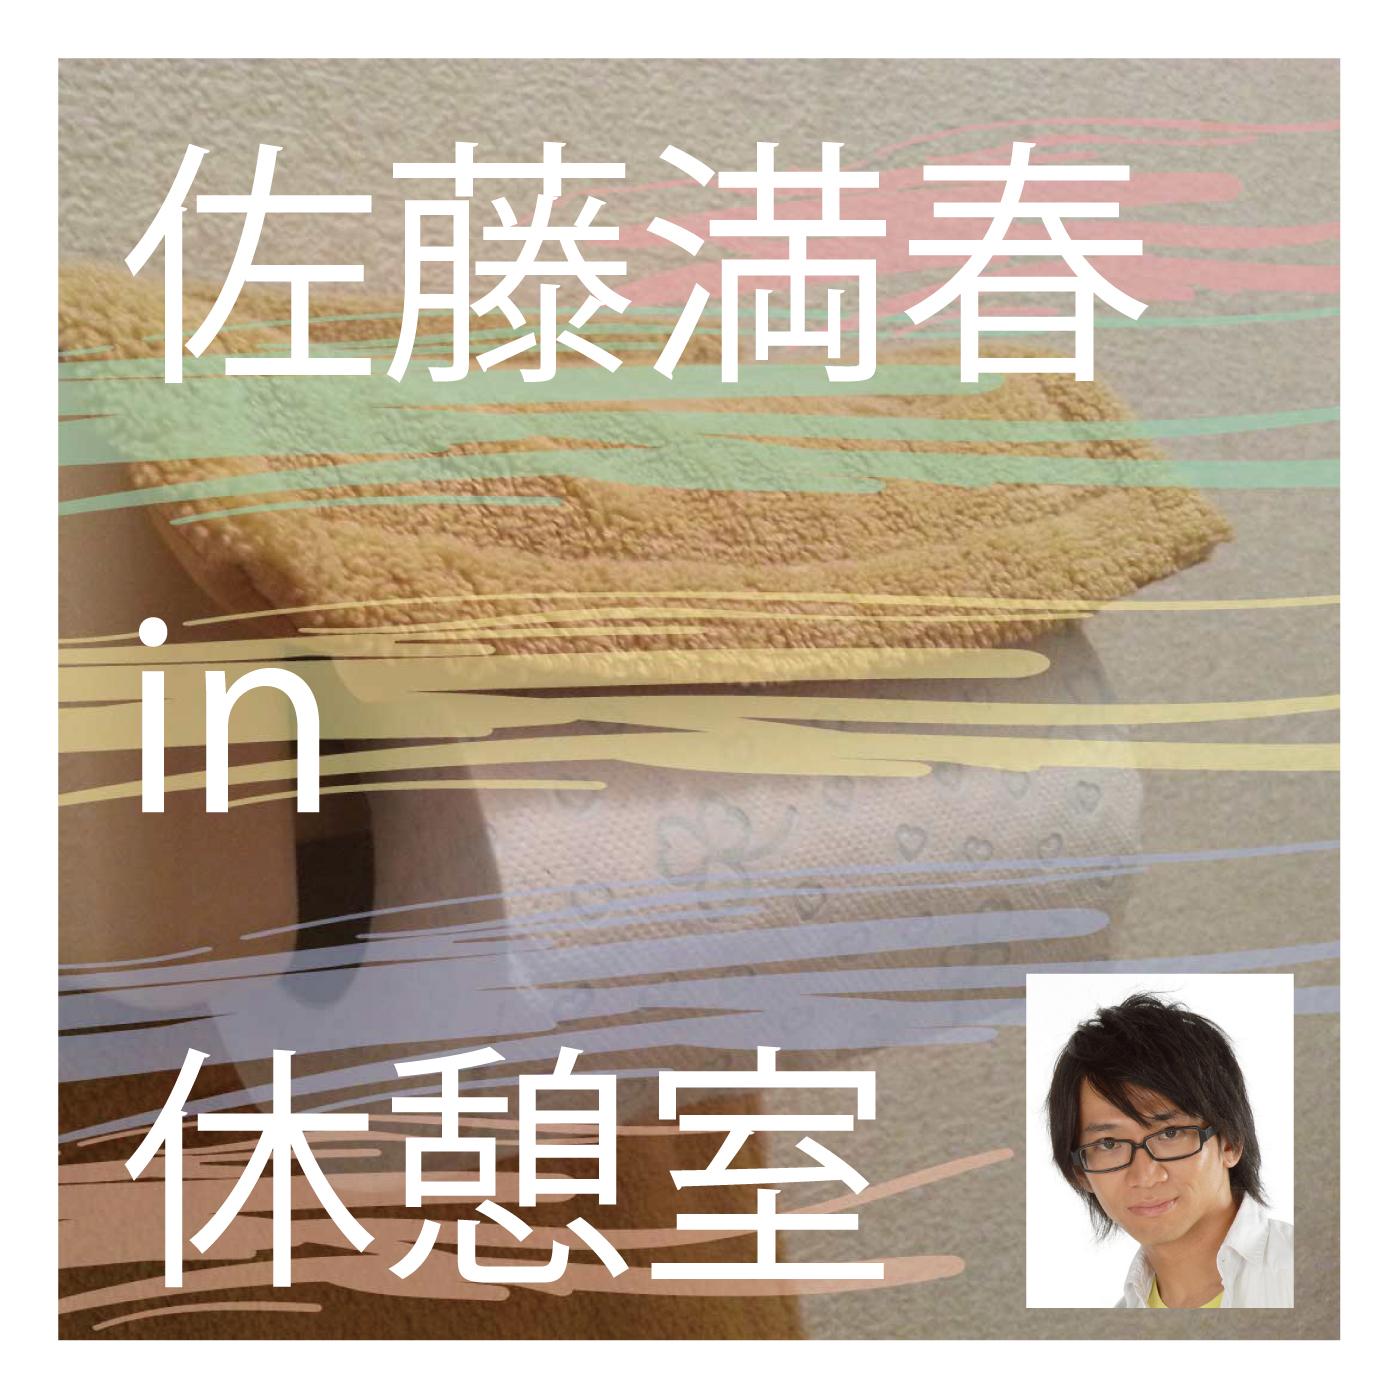 佐藤満春in休憩室